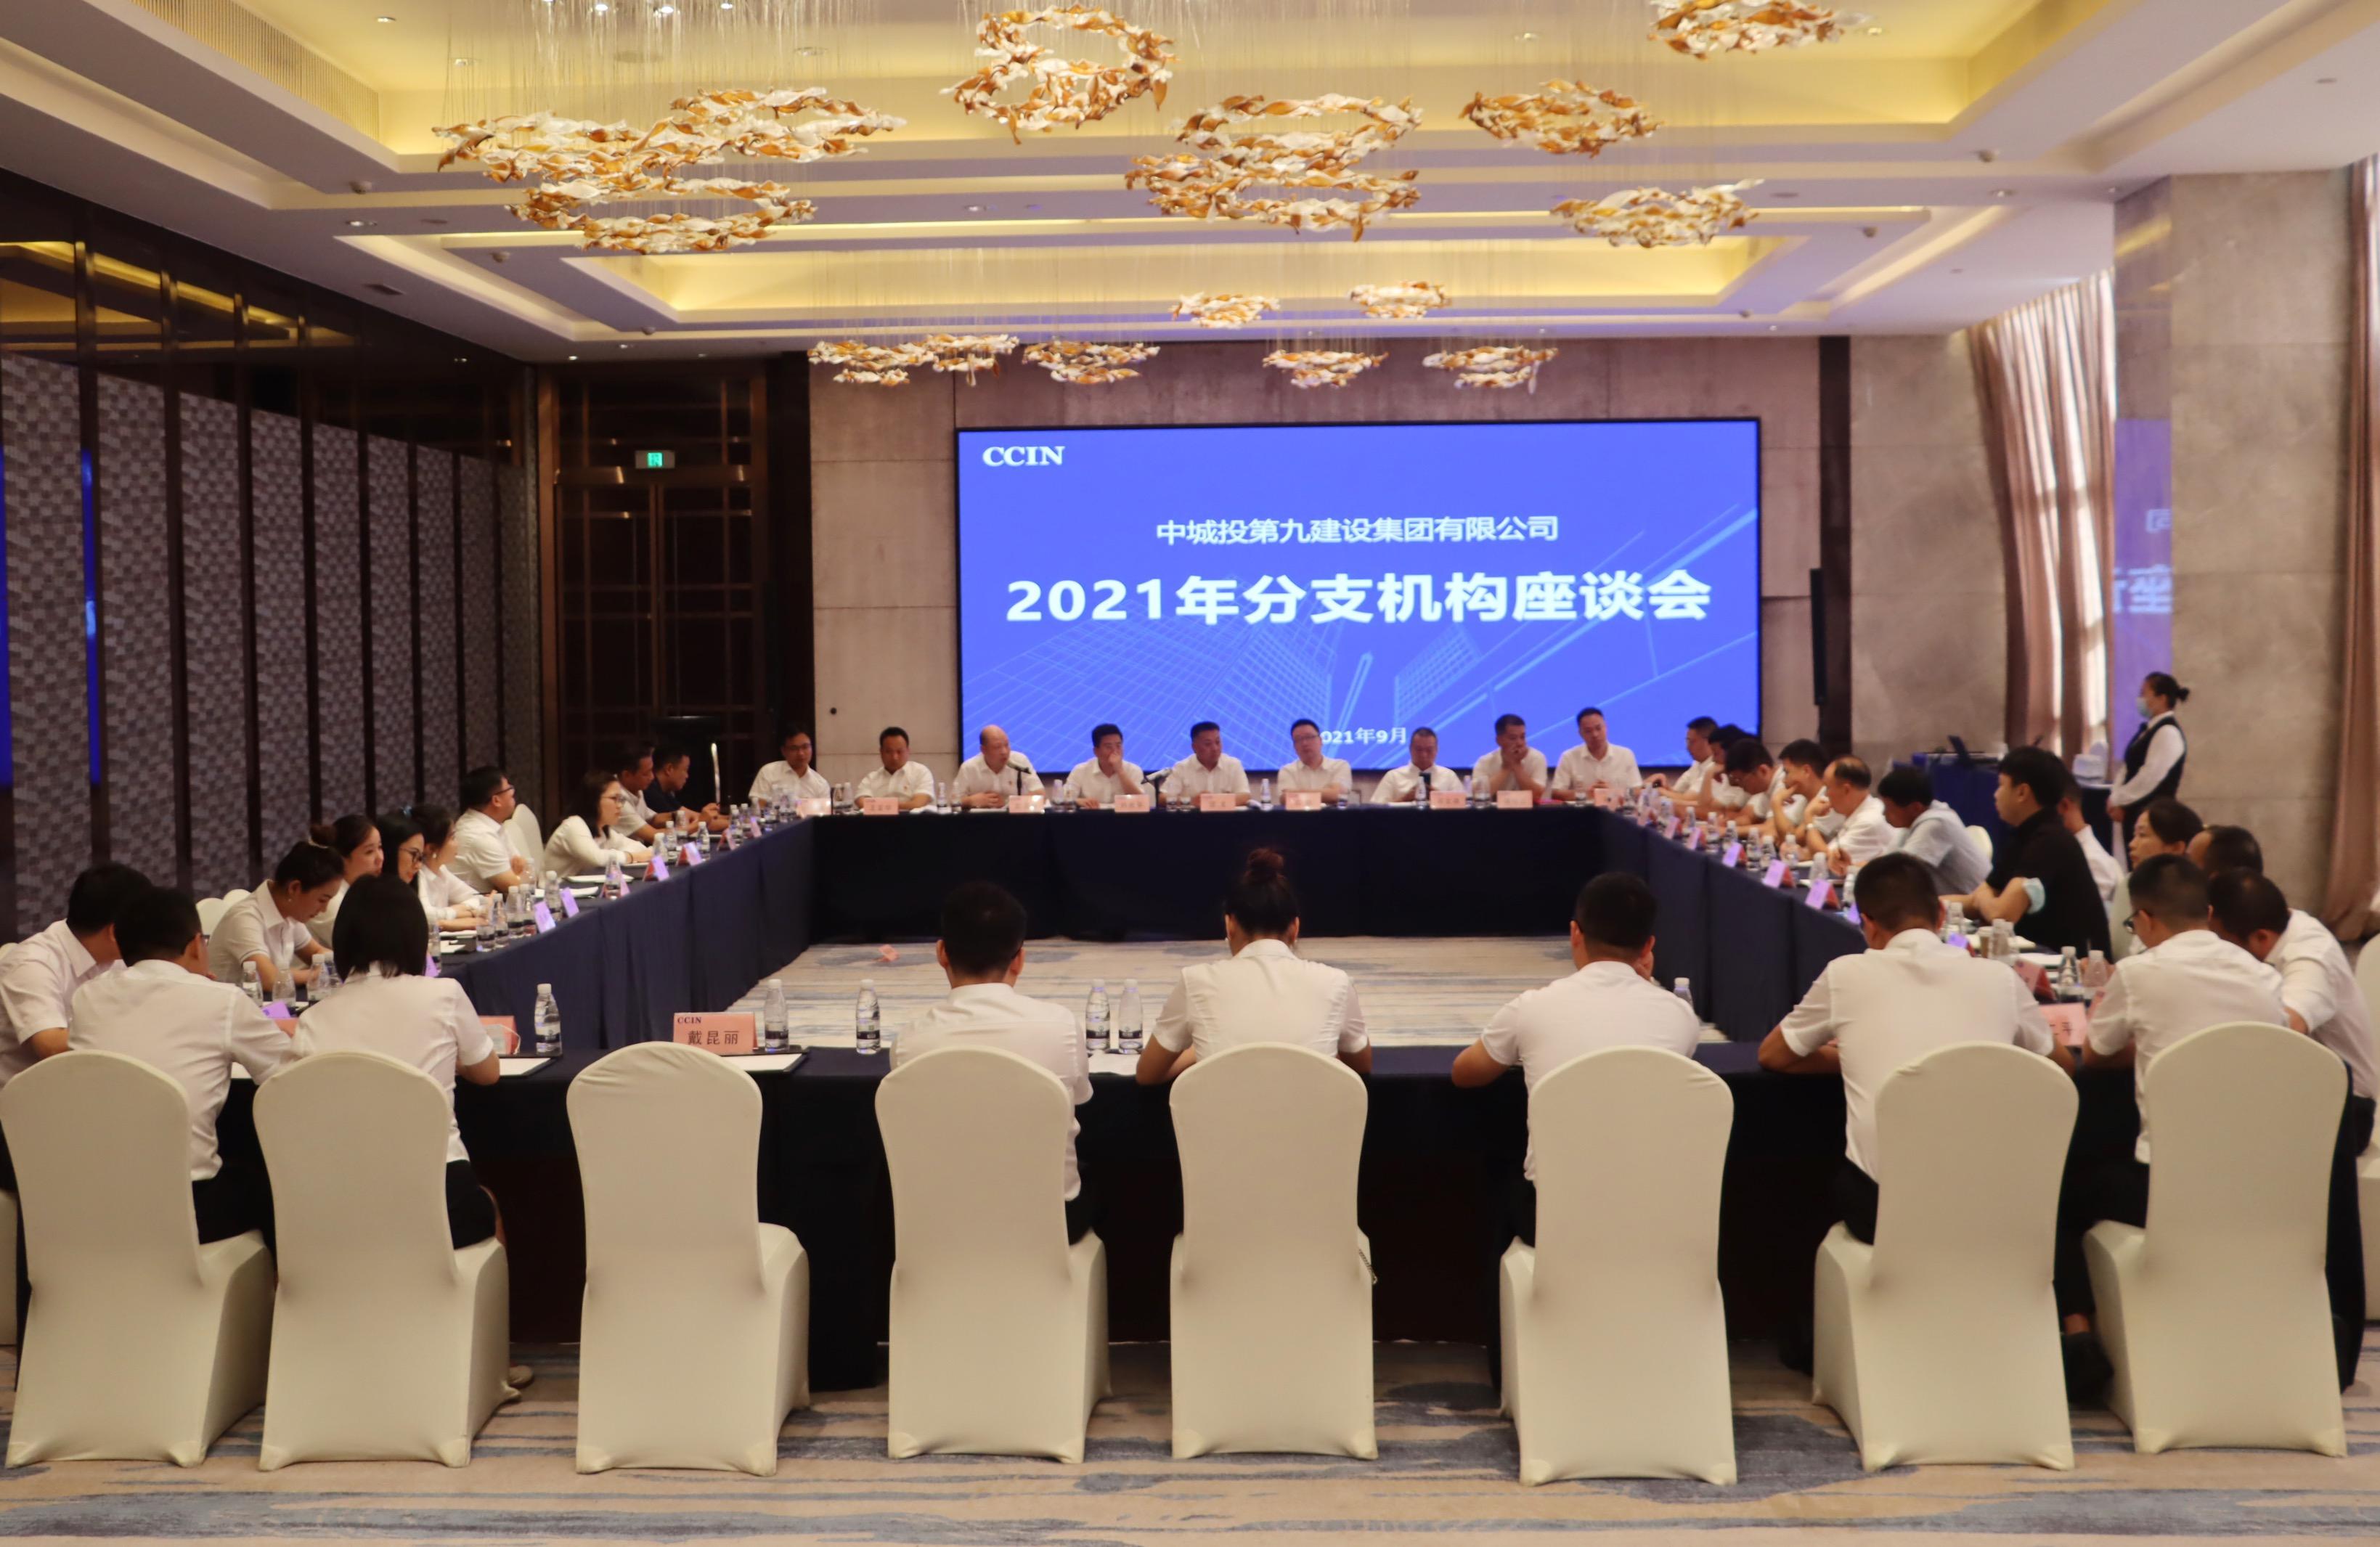 集團組織各分、子公司召開經營工作座談會